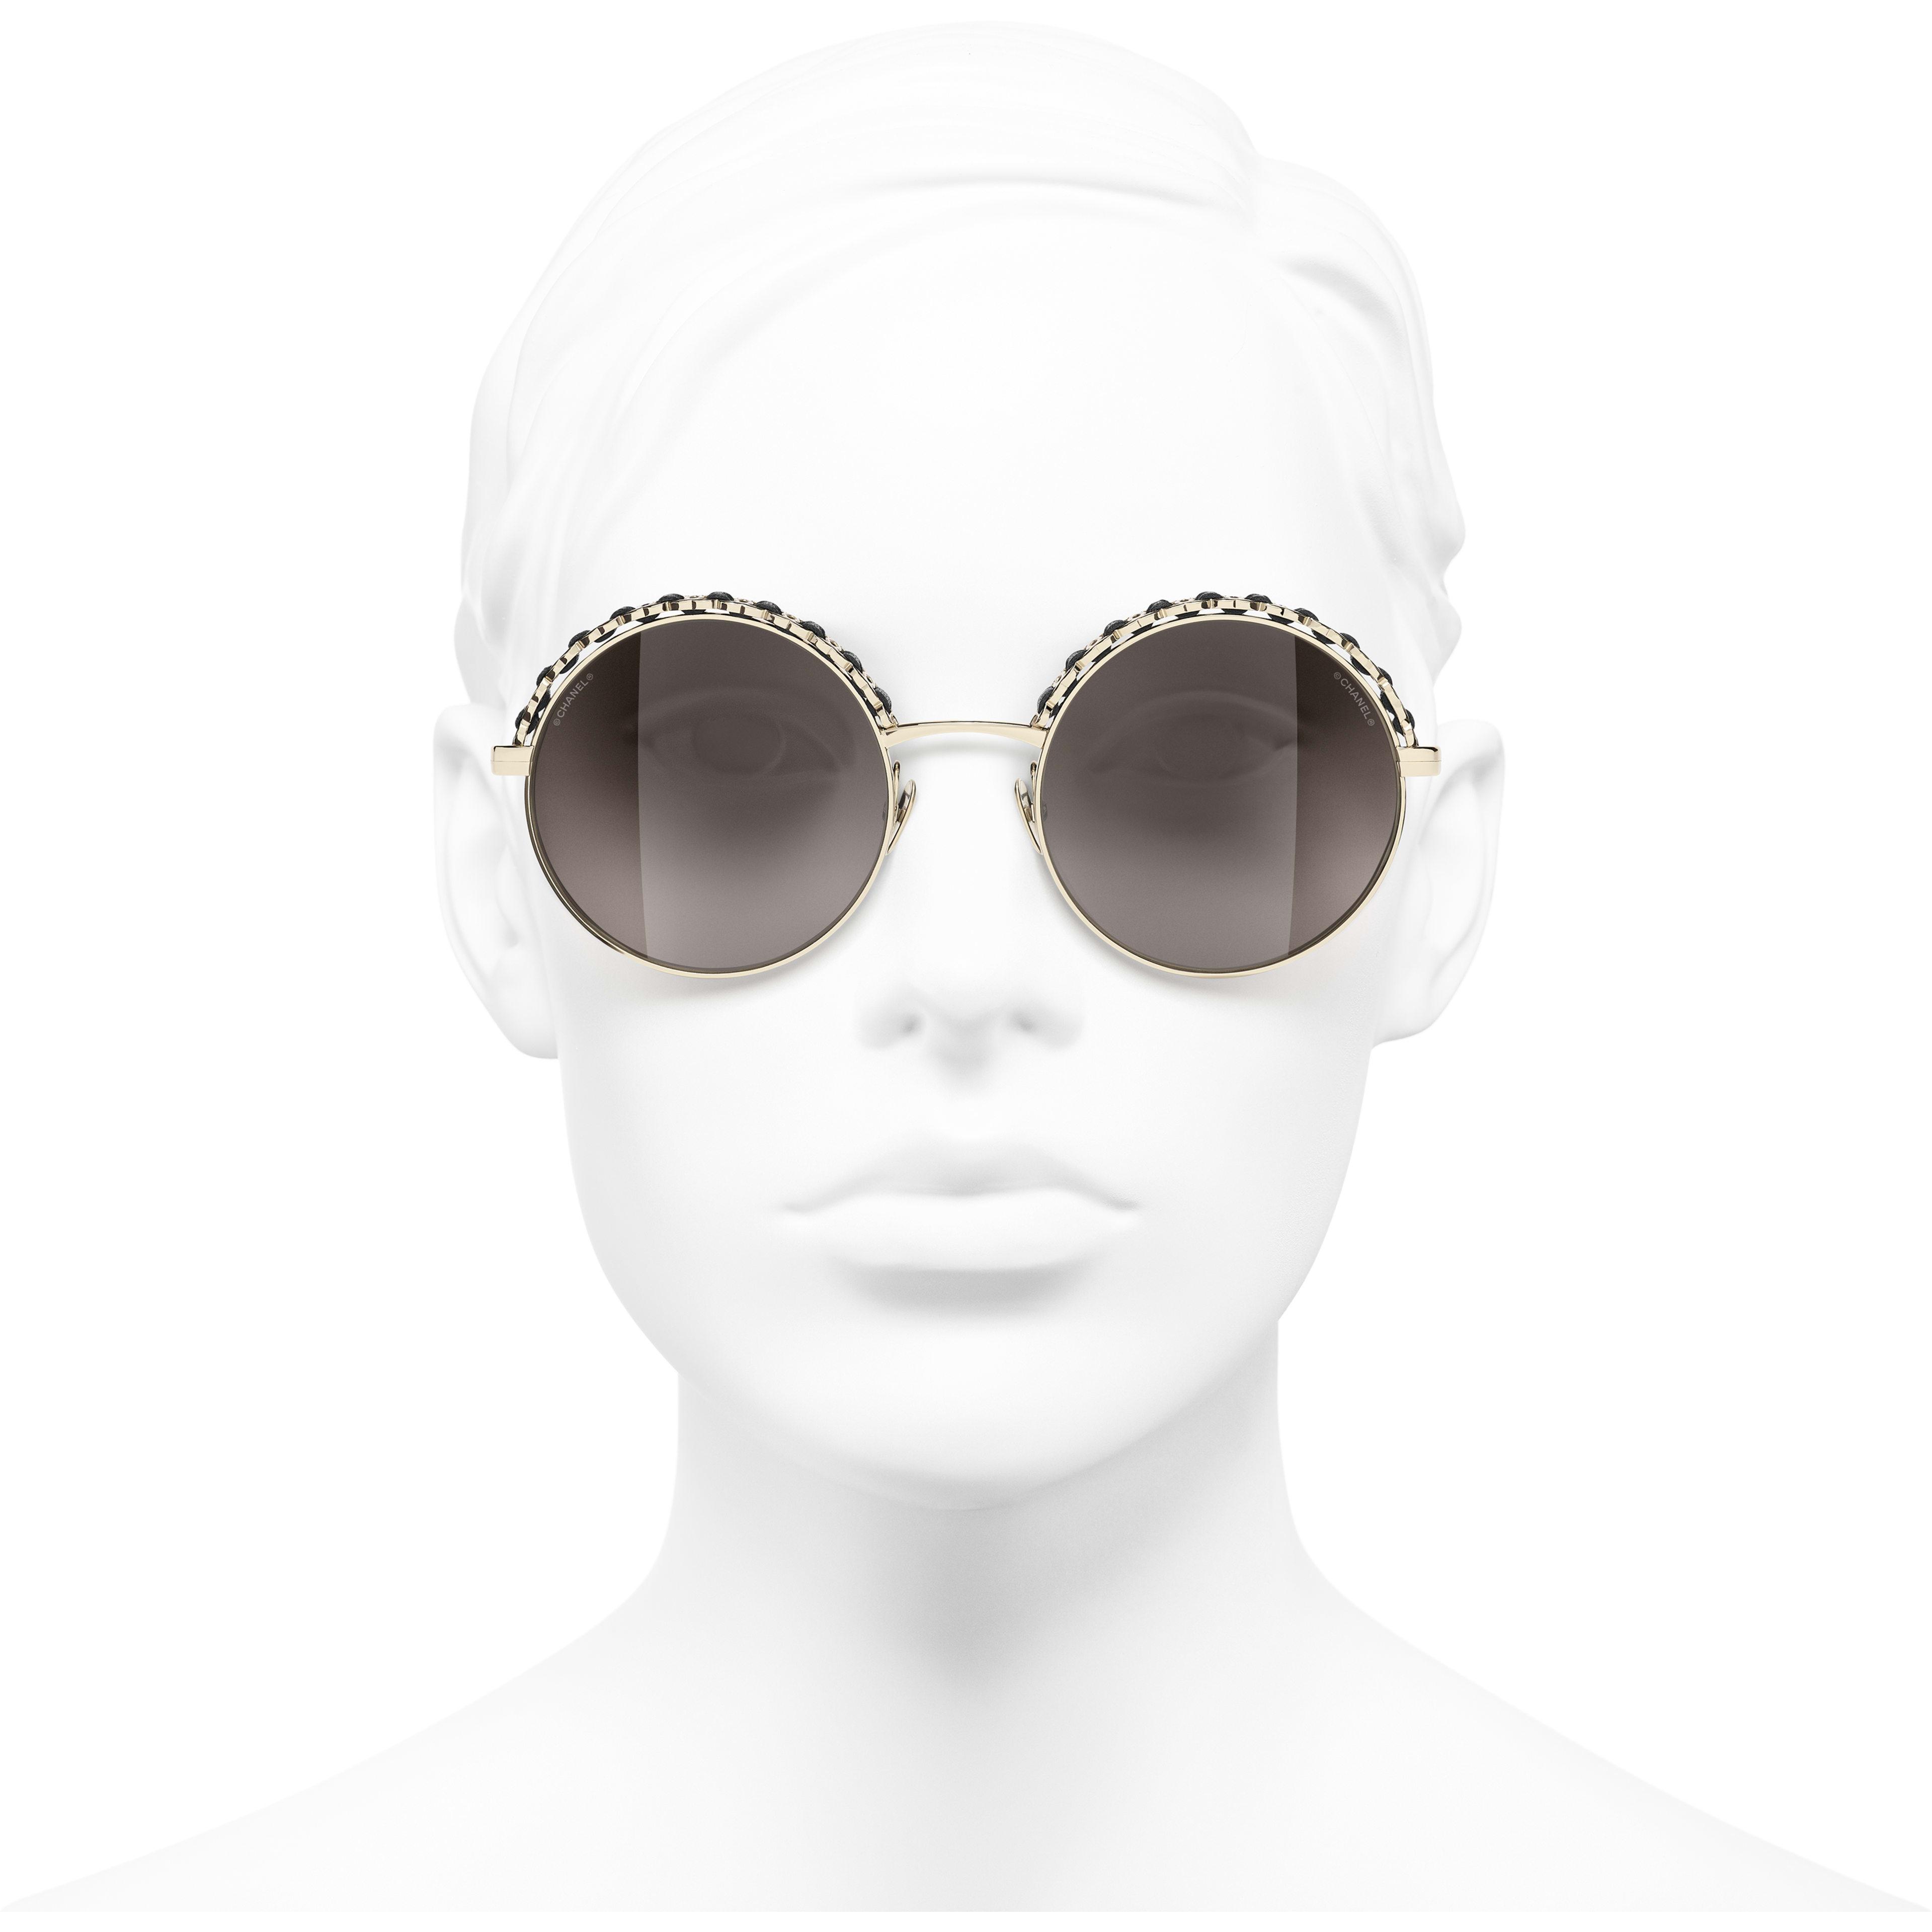 Óculos De Sol Redondos - Dourado & Preto - Metal & Calfskin - CHANEL - Vista de frente - ver a versão em tamanho standard